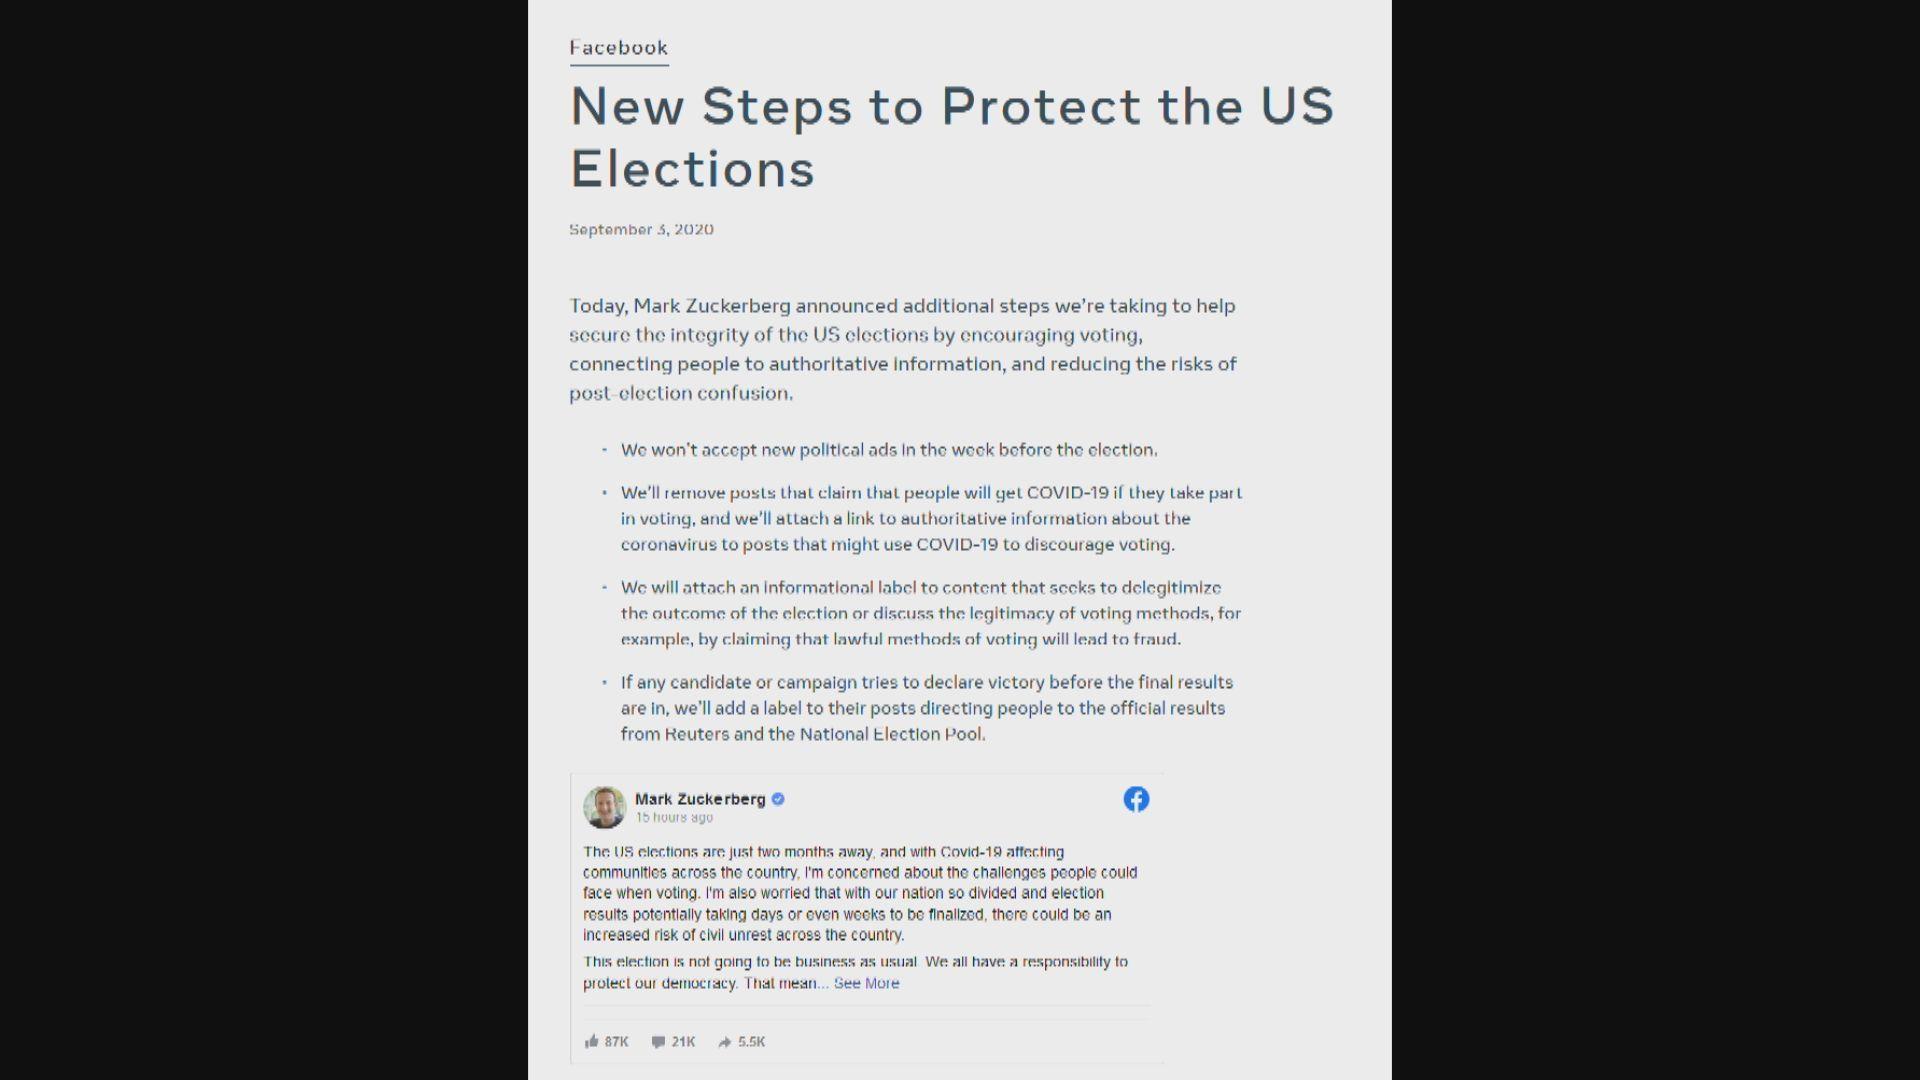 Fb採措施防美國大選受干預 分析批屬公關技倆